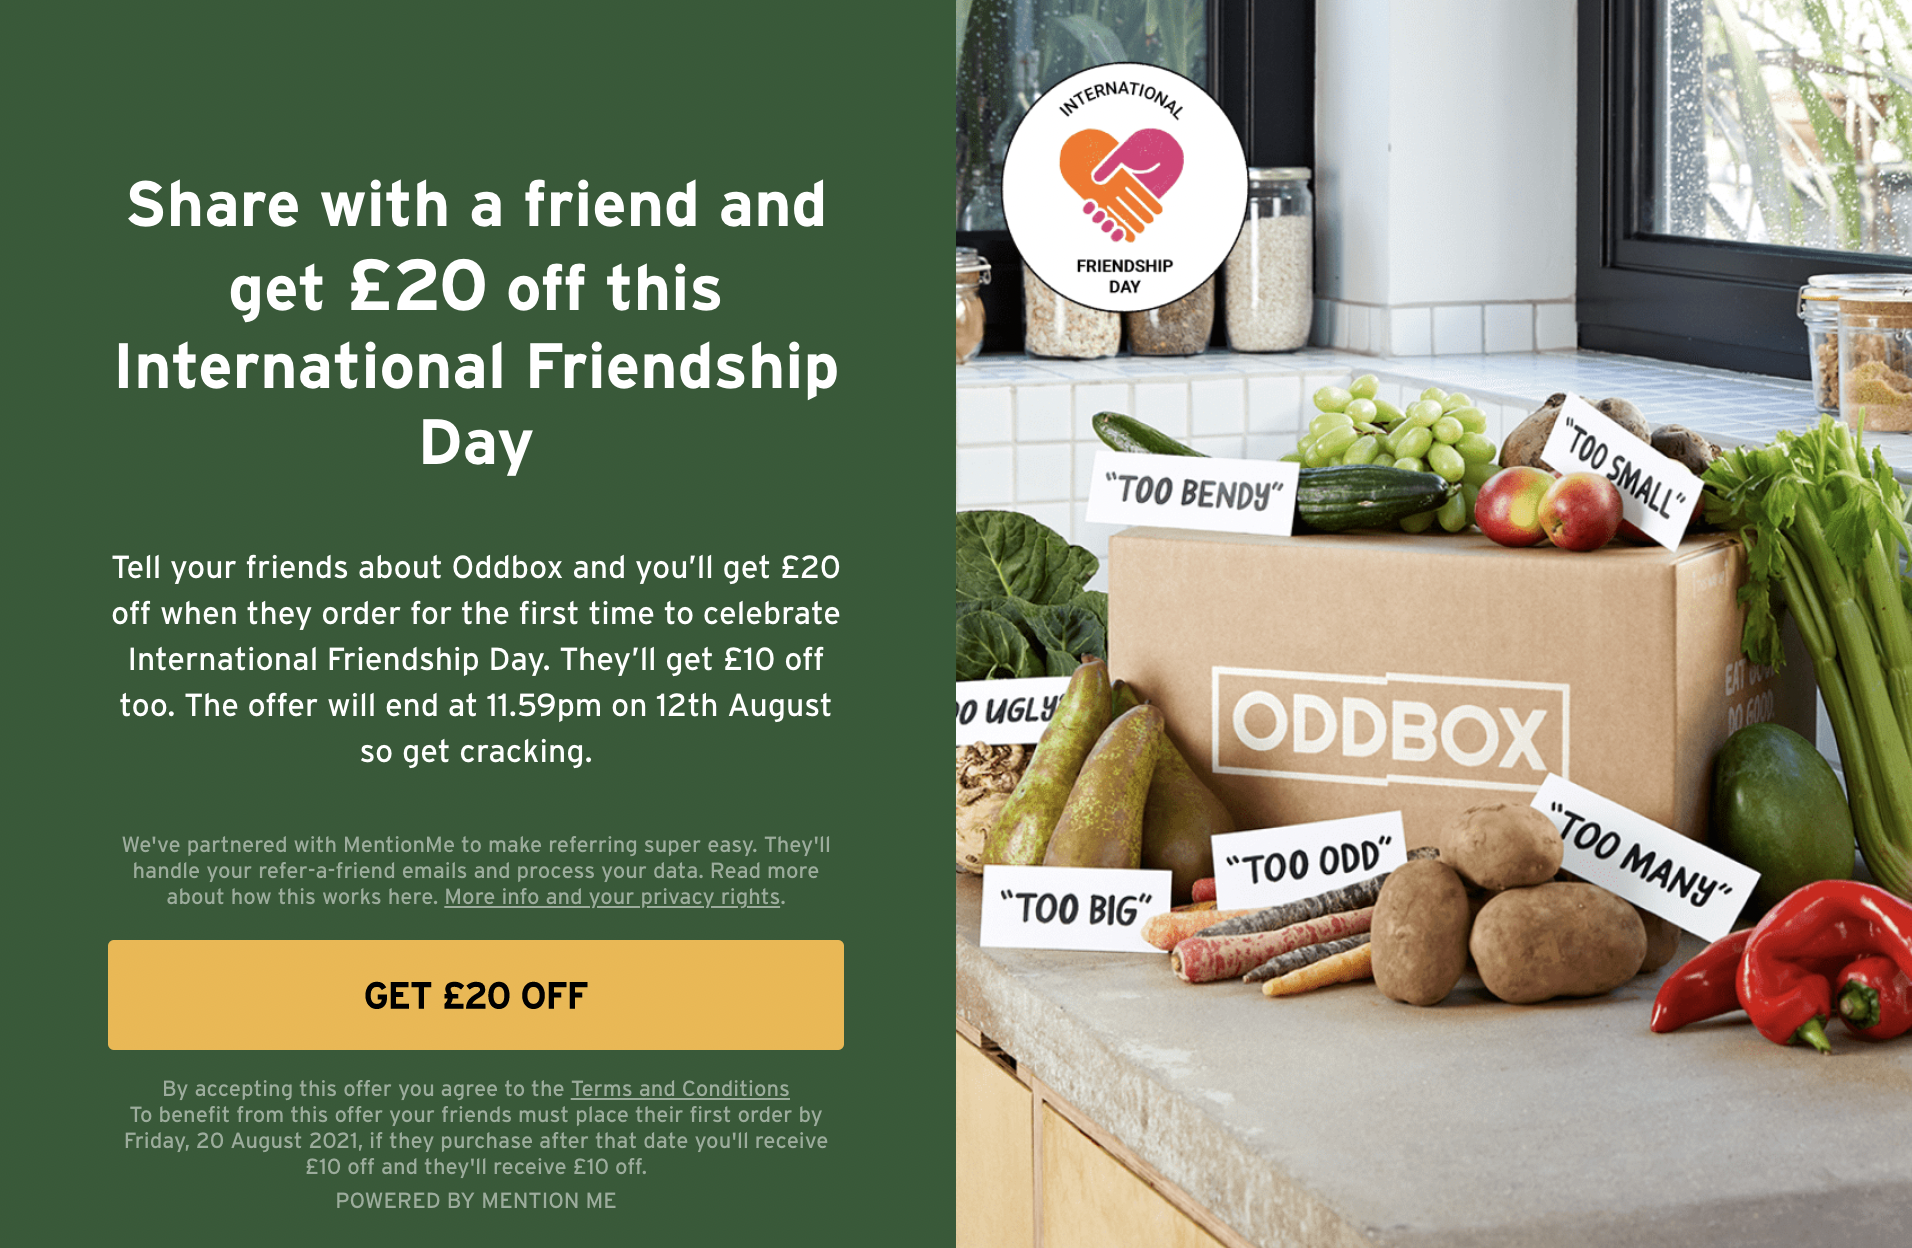 Oddbox IFD Campaign